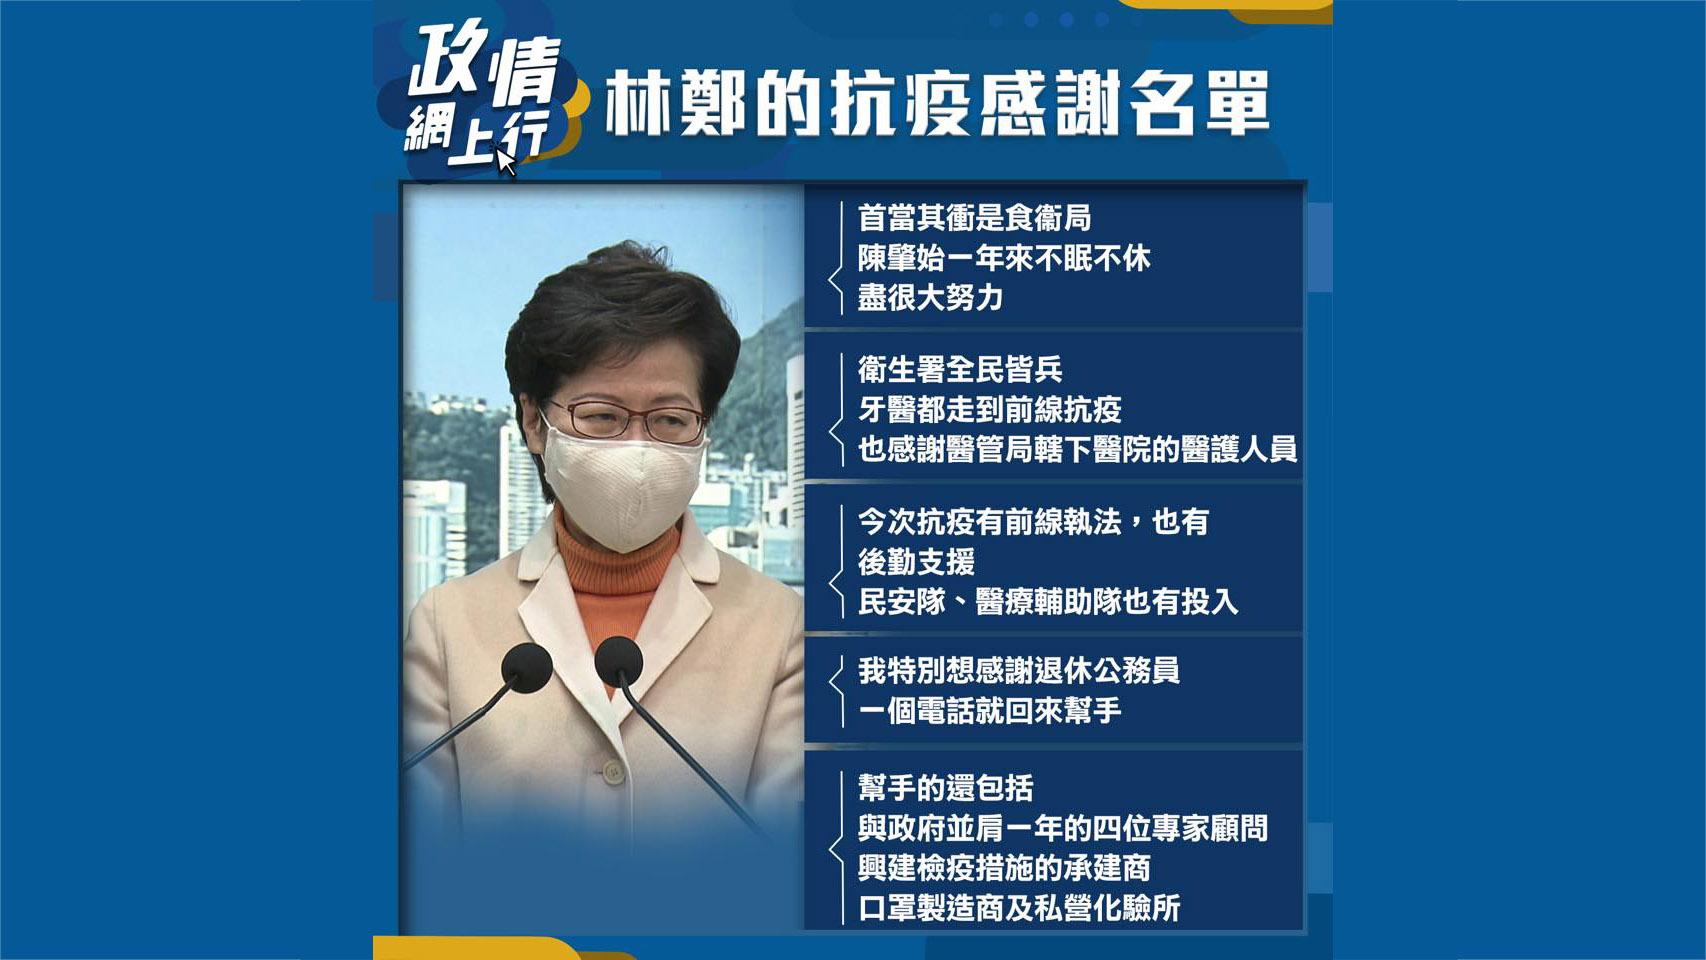 【政情網上行】林鄭的抗疫感謝名單